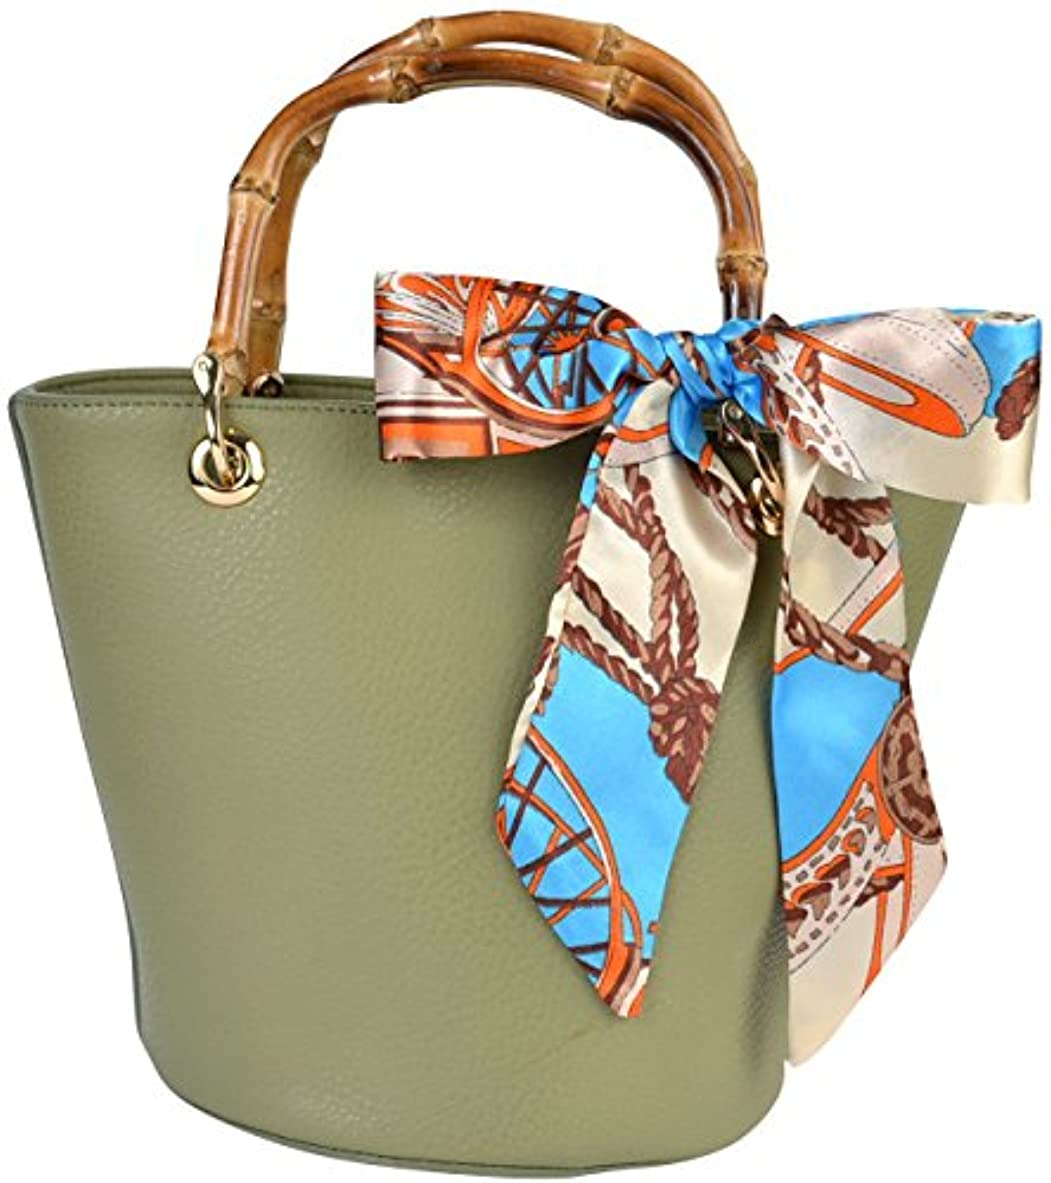 小人上級店主(カービーズ) curvy's バンブーハンドルバッグ バンブーハンドル バケツバッグ バケツ ハンドバッグ ハンドバック ハンド バッグ 鞄 カバン bag スカーフ